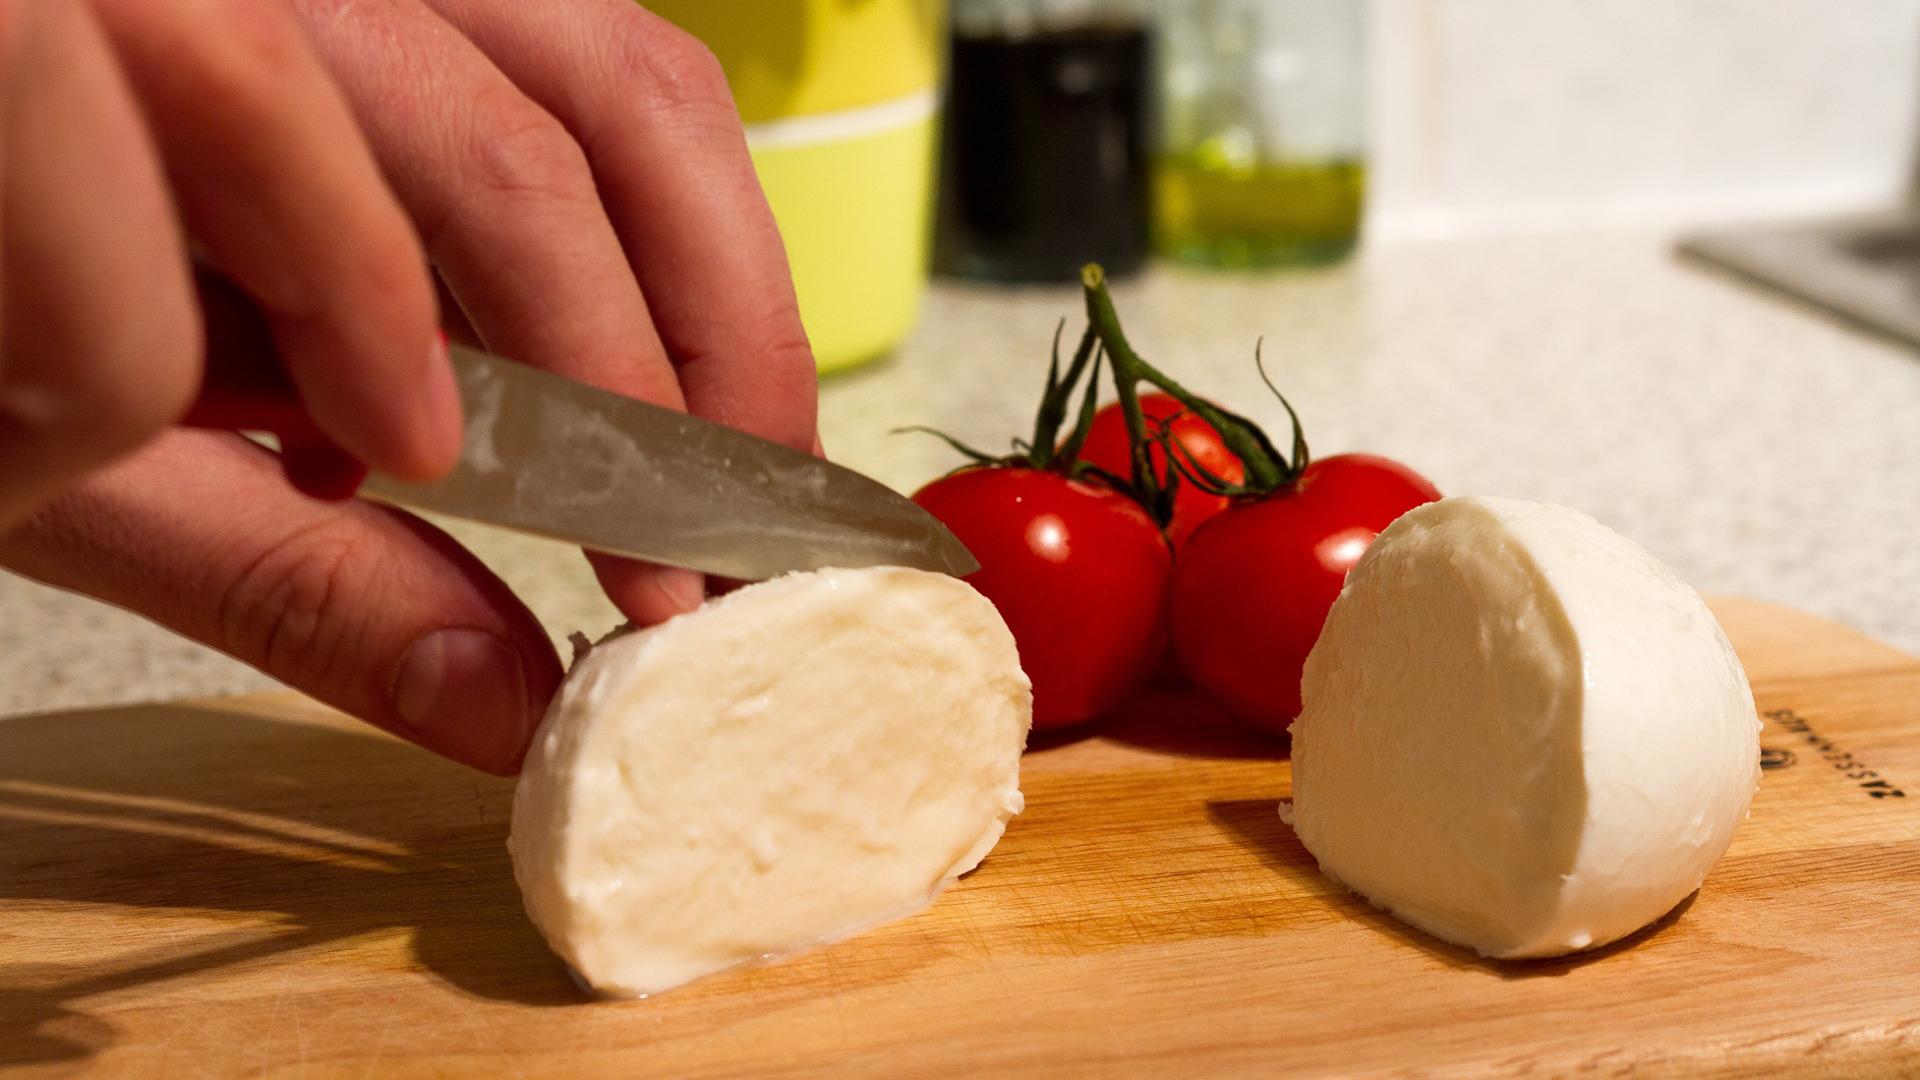 lo-que-debes-saber-sobre-otro-ingrediente-clave-para-pizzas-la-mozzarella-1920